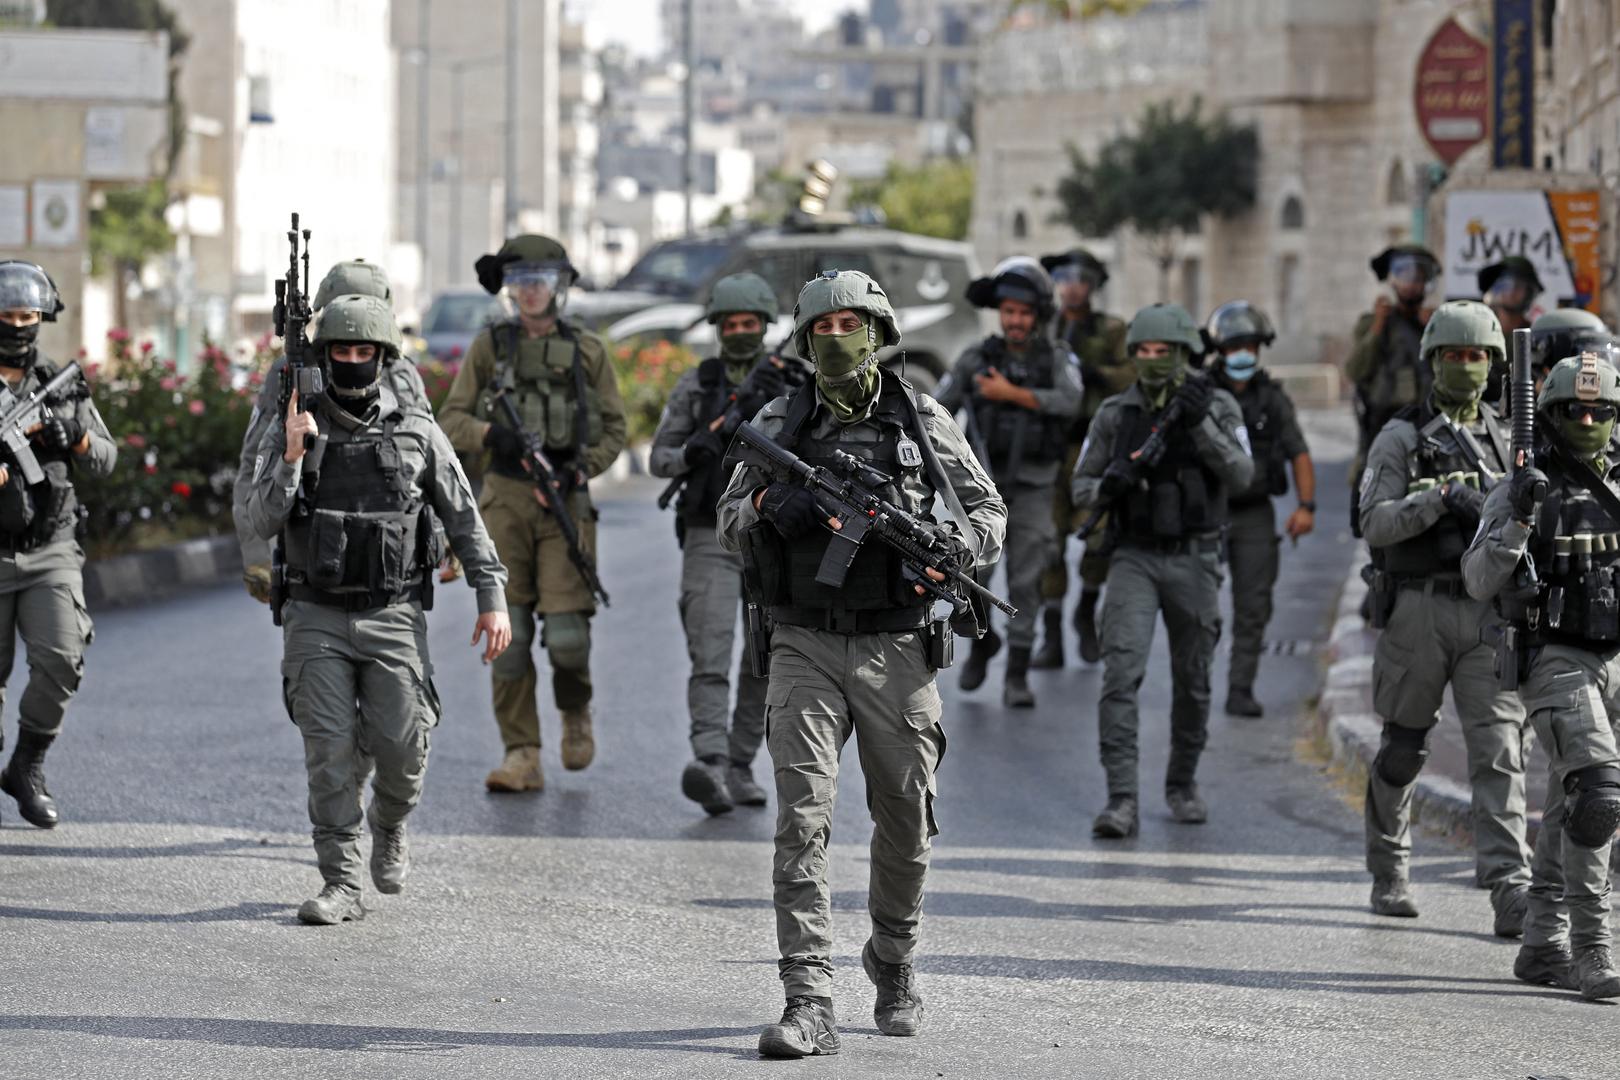 الأمن الإسرائيلي يشير إلى المكان المحتمل لأحد الأسيرين الفارين ويؤكد صعوبة القبض عليهما